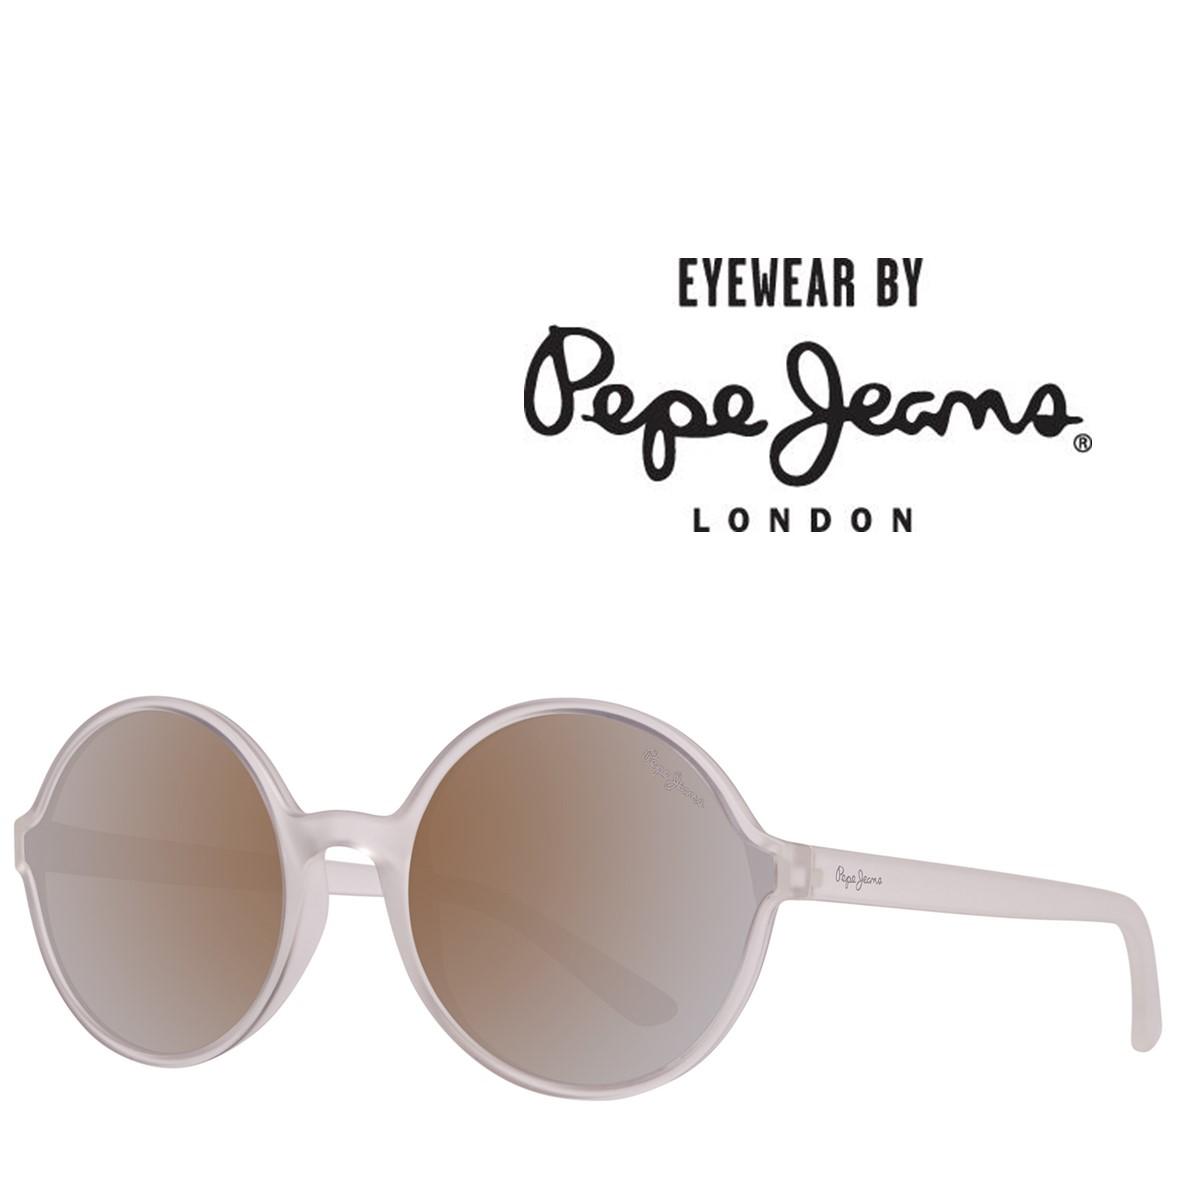 91a5d2f87 Pepe Jeans® Óculos de Sol PJ7286 C4 57 - You Like It